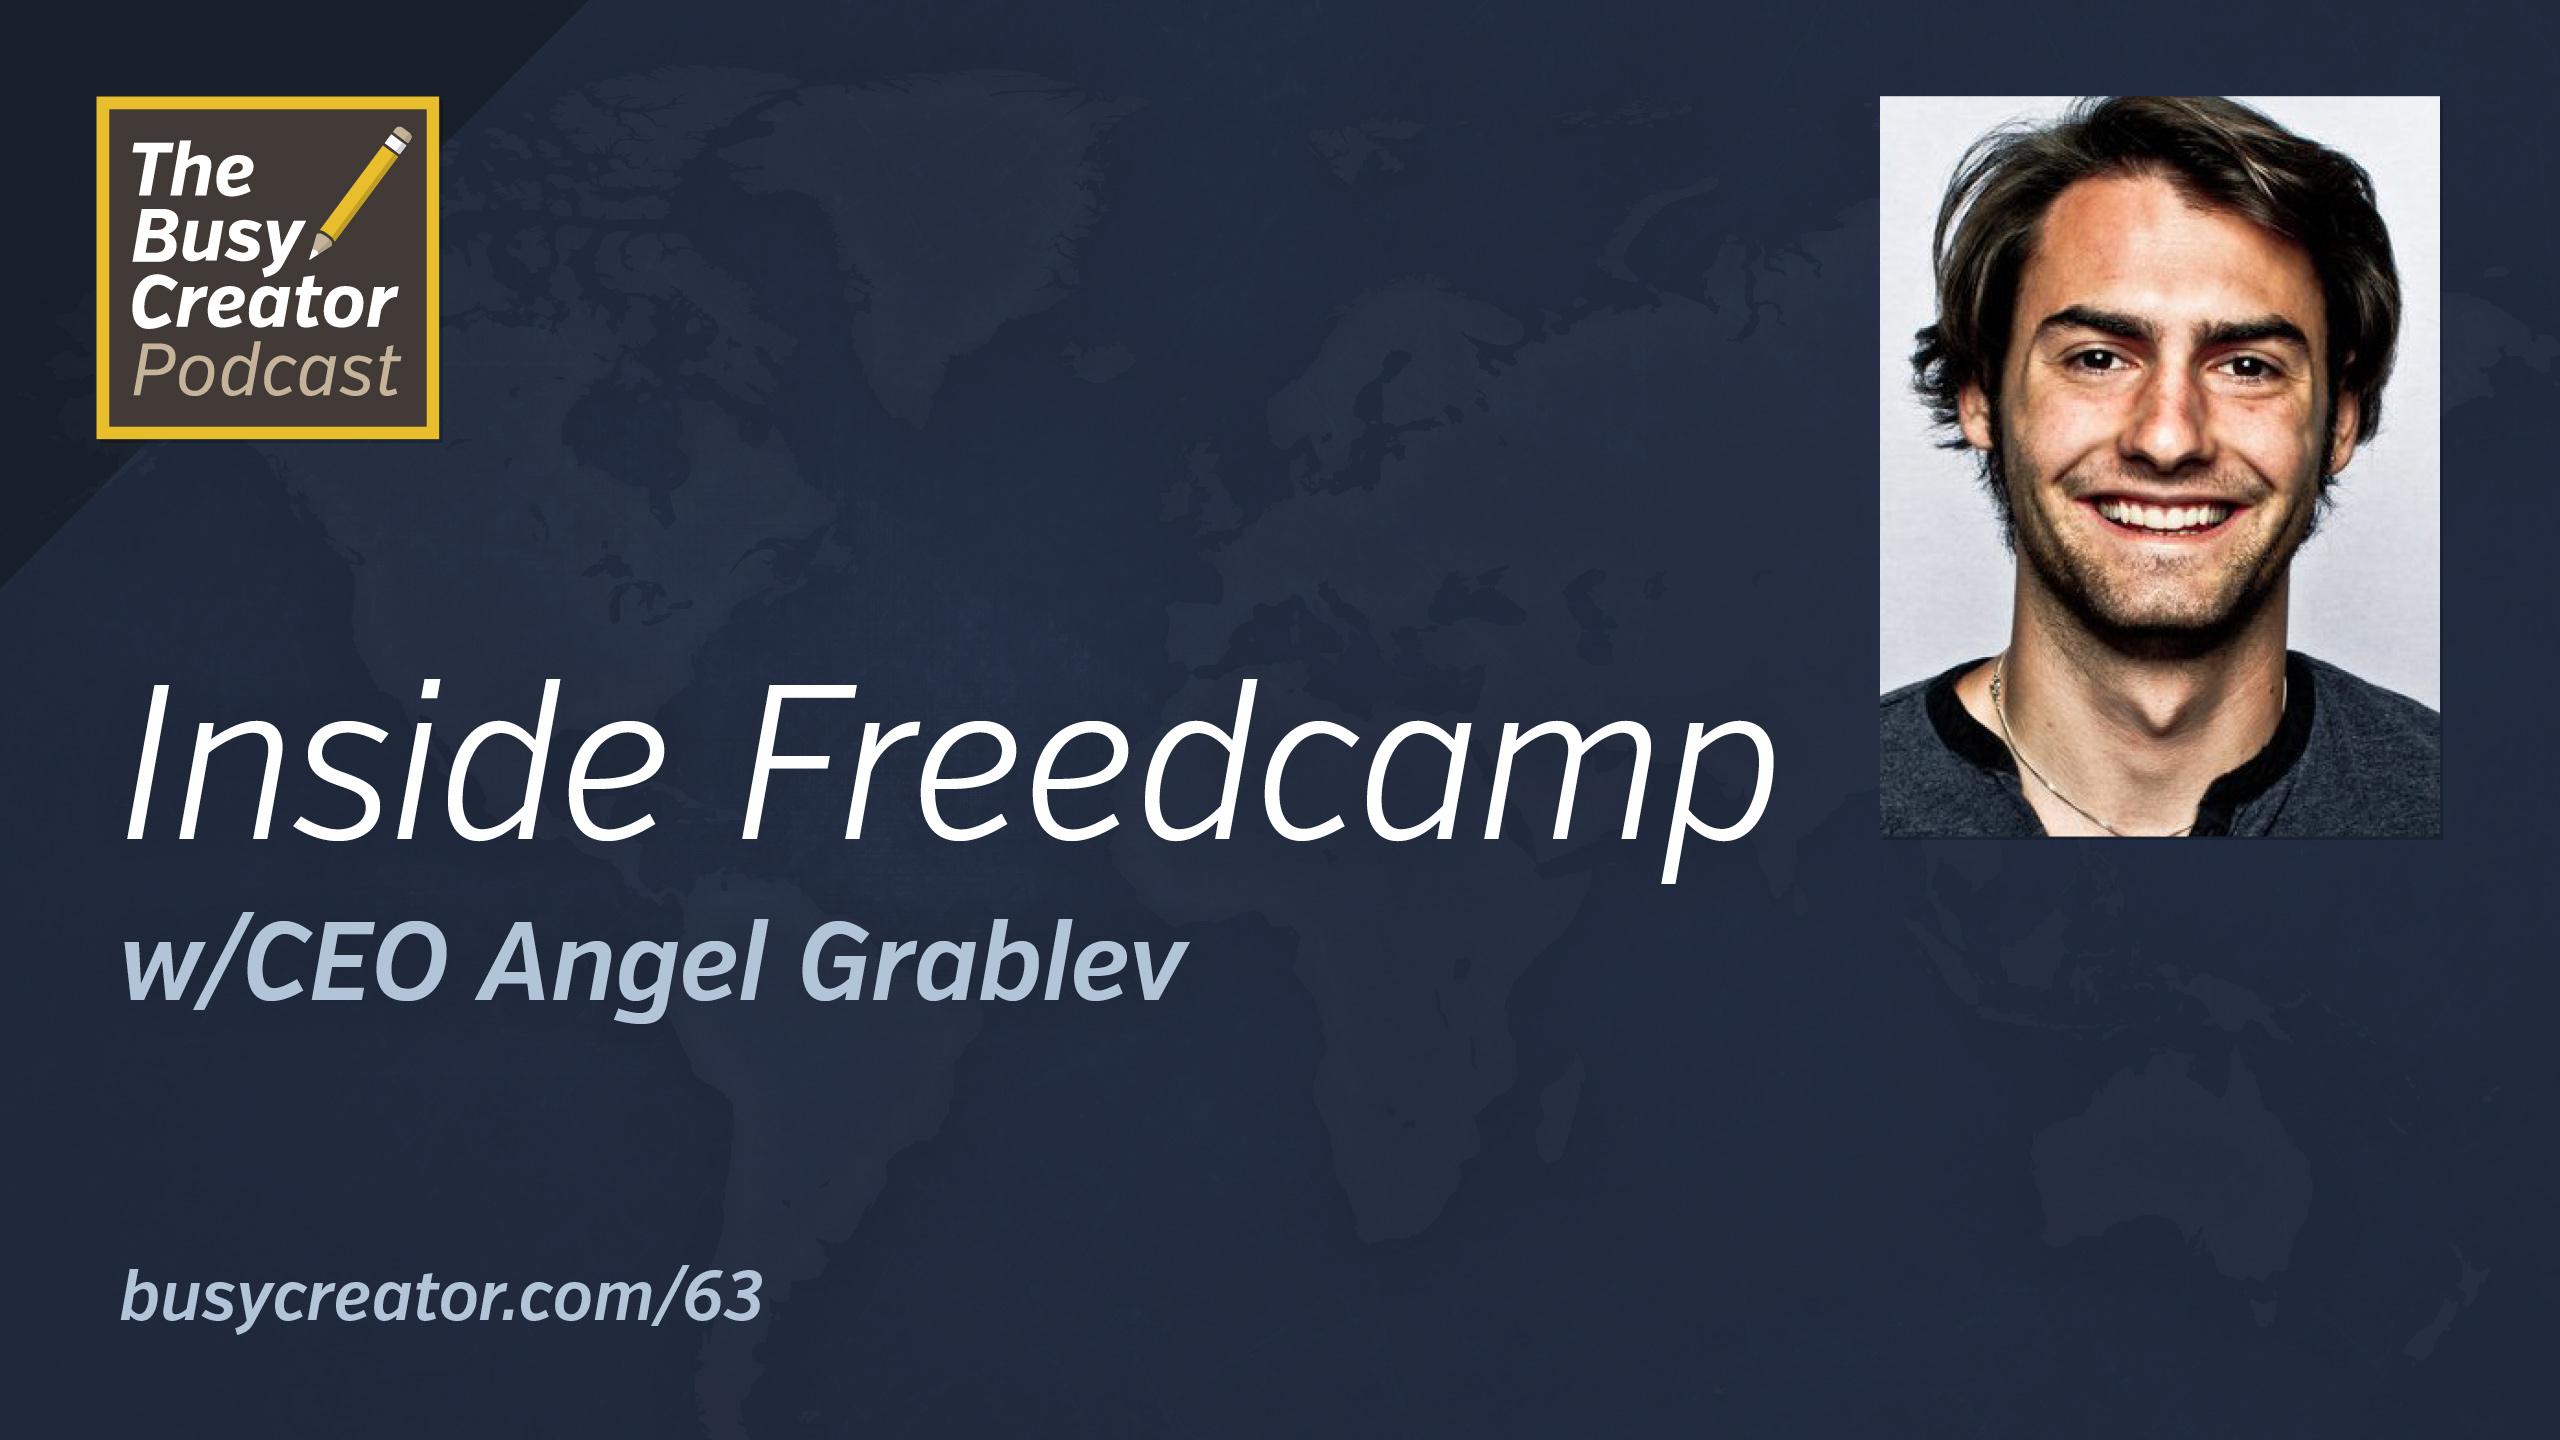 Freedcamp CEO/Co-Founder Angel Grablev Shares Origins & Methods for Project Management